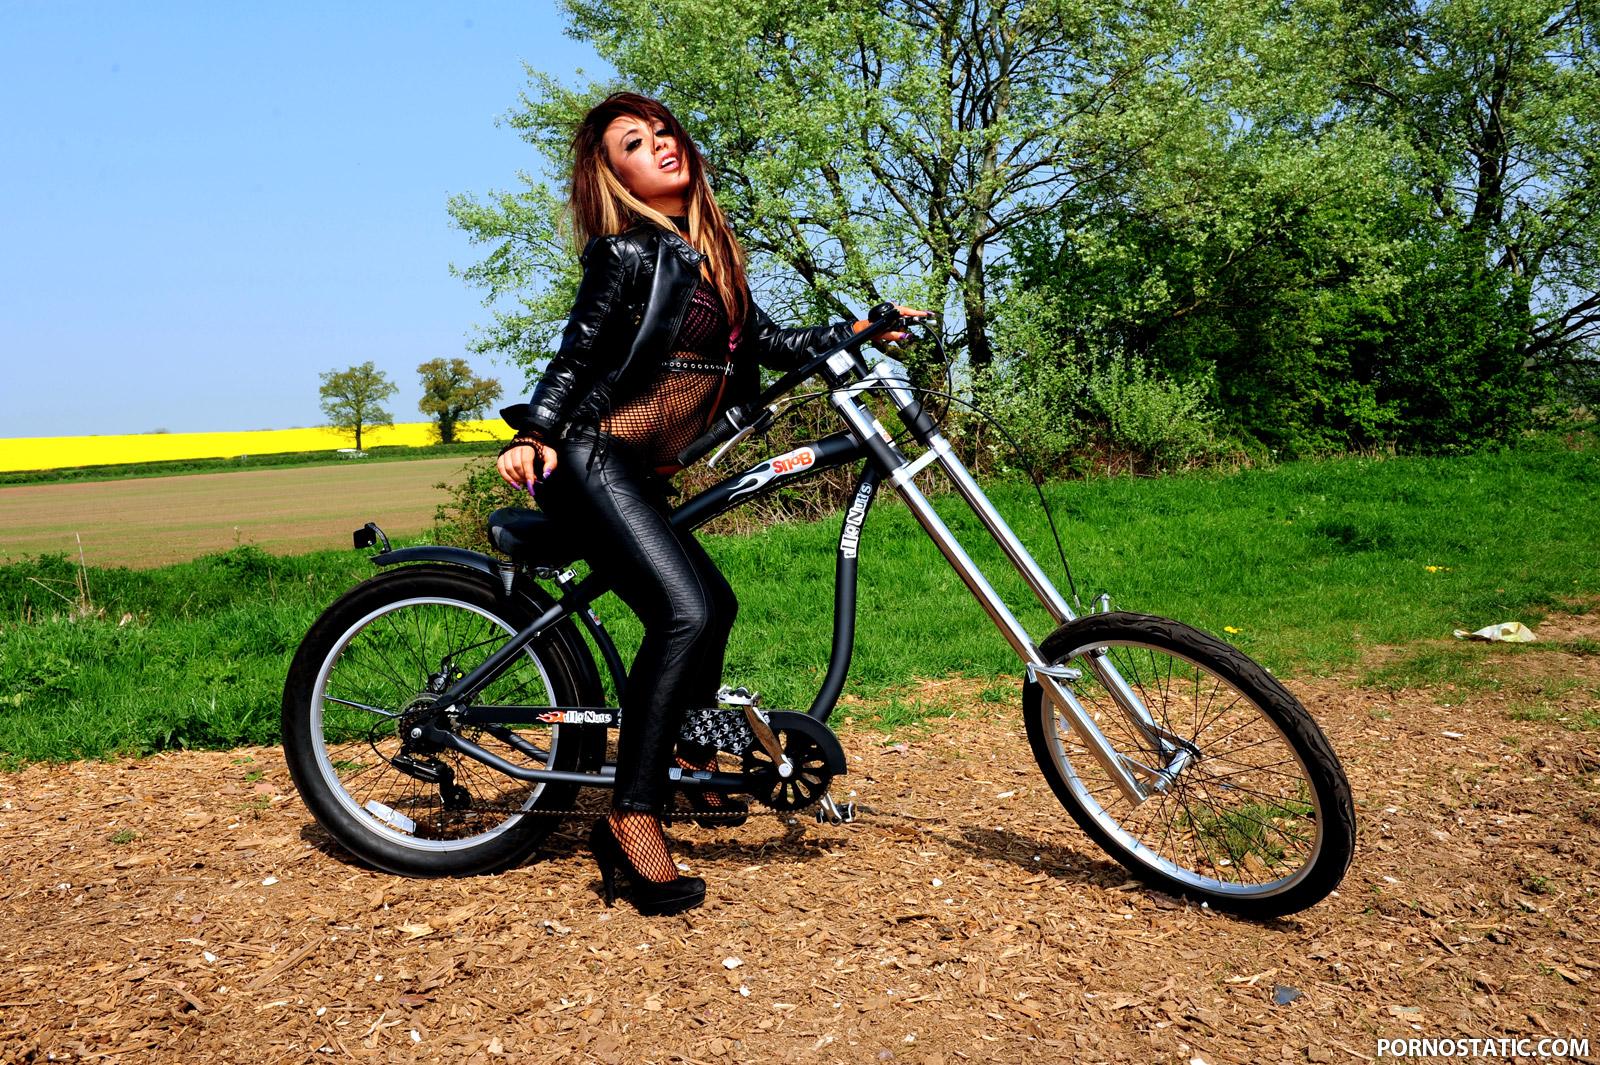 Hanna Shaw - Ride The Bitch Hard